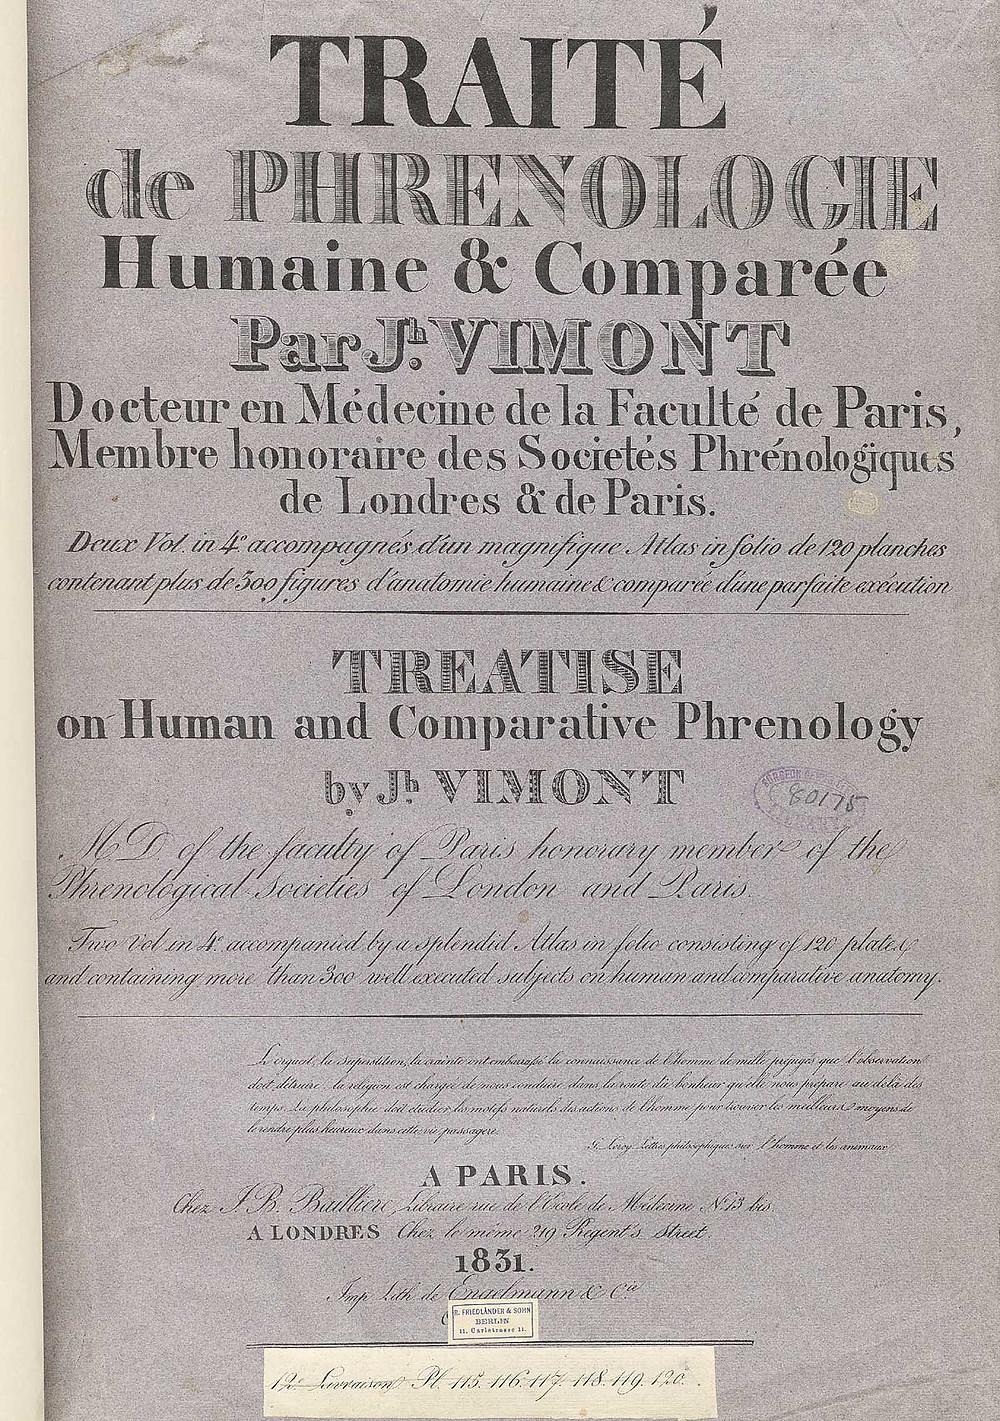 Traité de phrénologie par Vimont